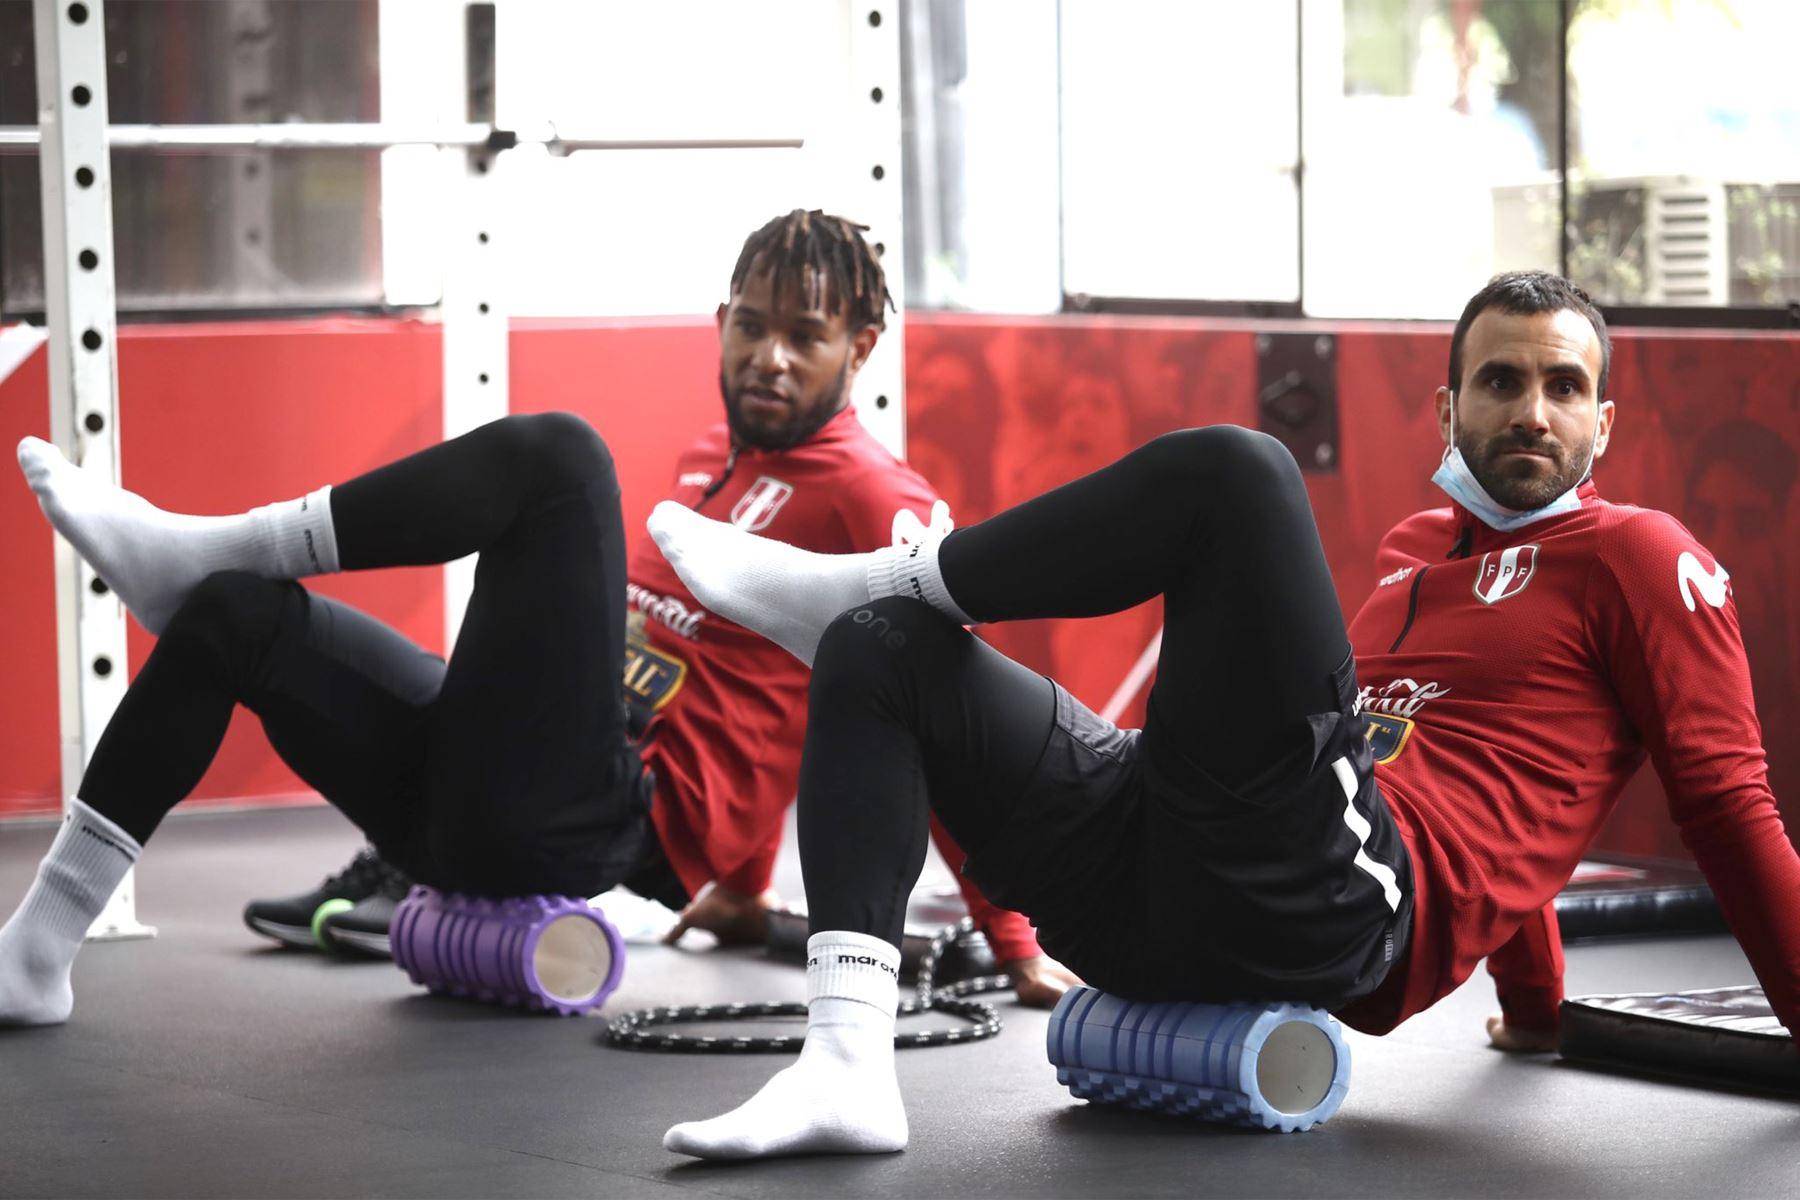 Integrantes de la Selección Peruana , inician los entrenamientos con miras a la próxima fecha triple de las Clasificatorias al Mundial Qatar 2022. En la foto, José Carvallo. Foto: @SeleccionPeru